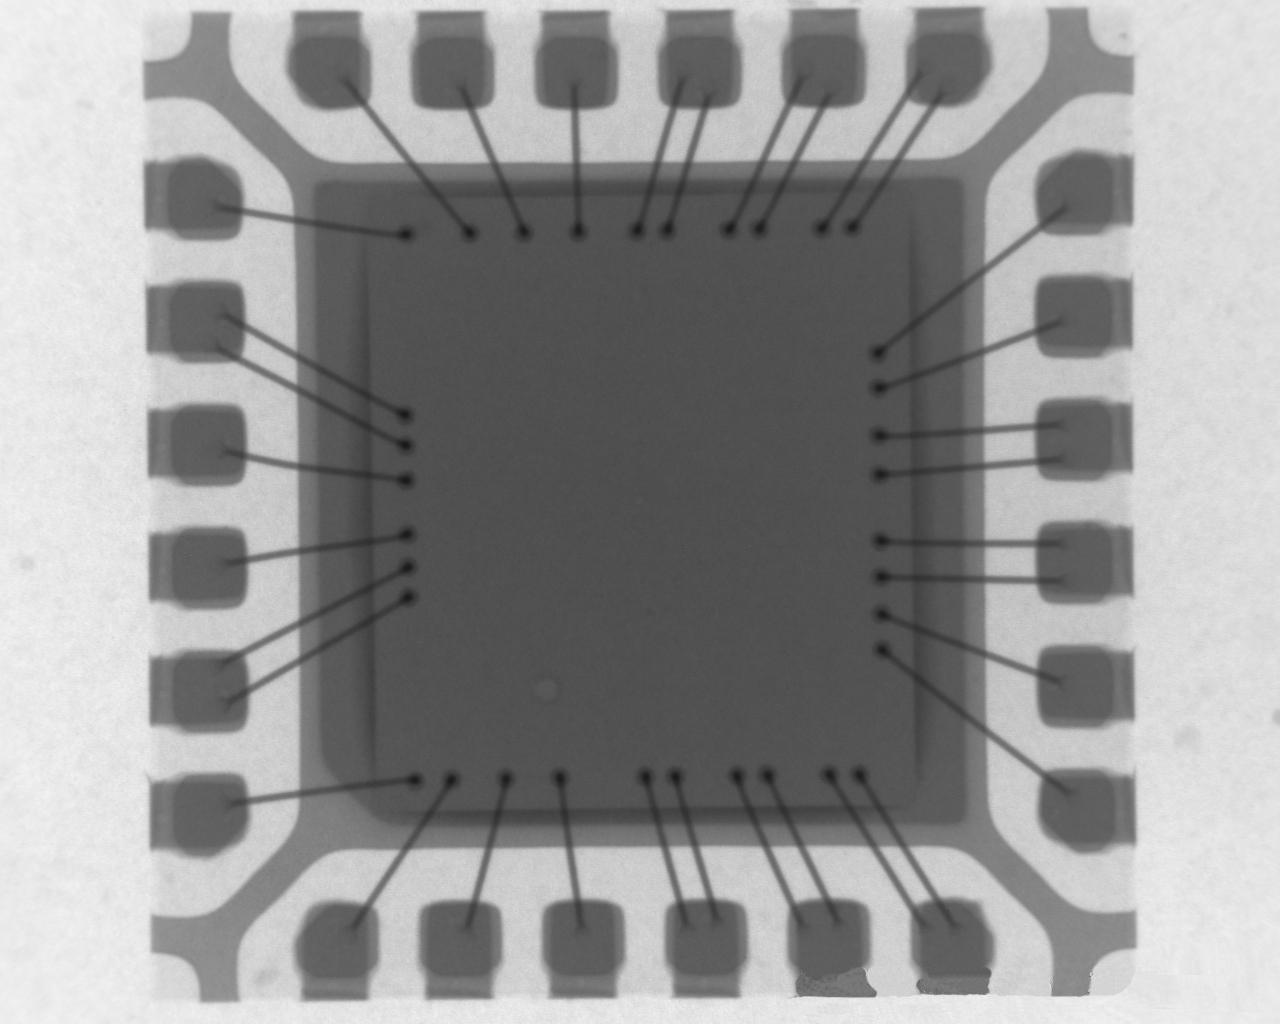 贴片24PIN-WQFN封装的芯片在X-RAY下的景象。